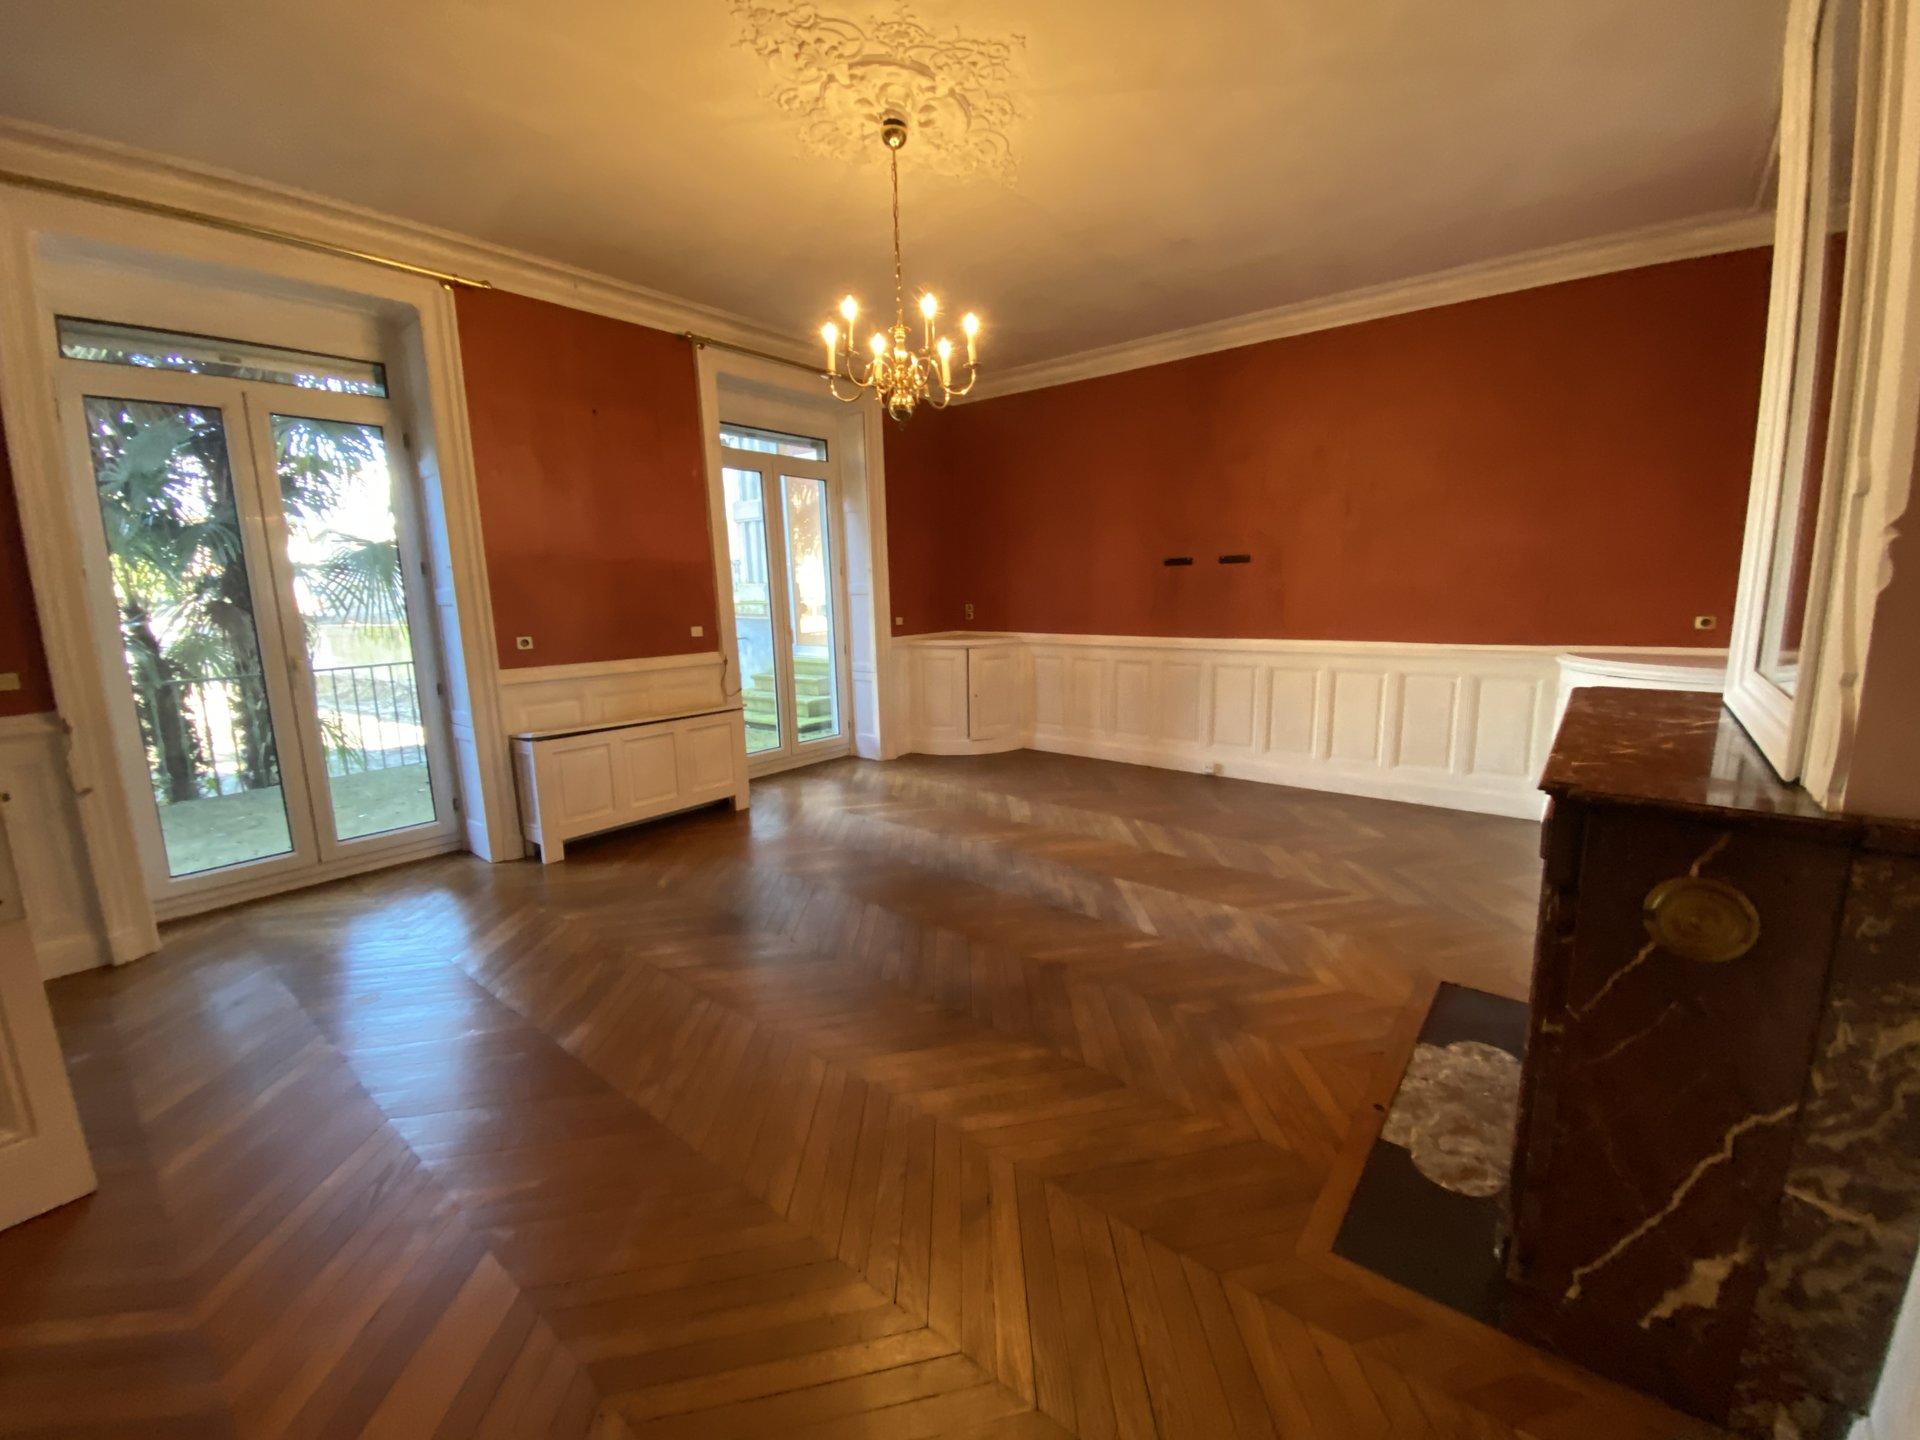 Maison de village 250 m² hab + jardin